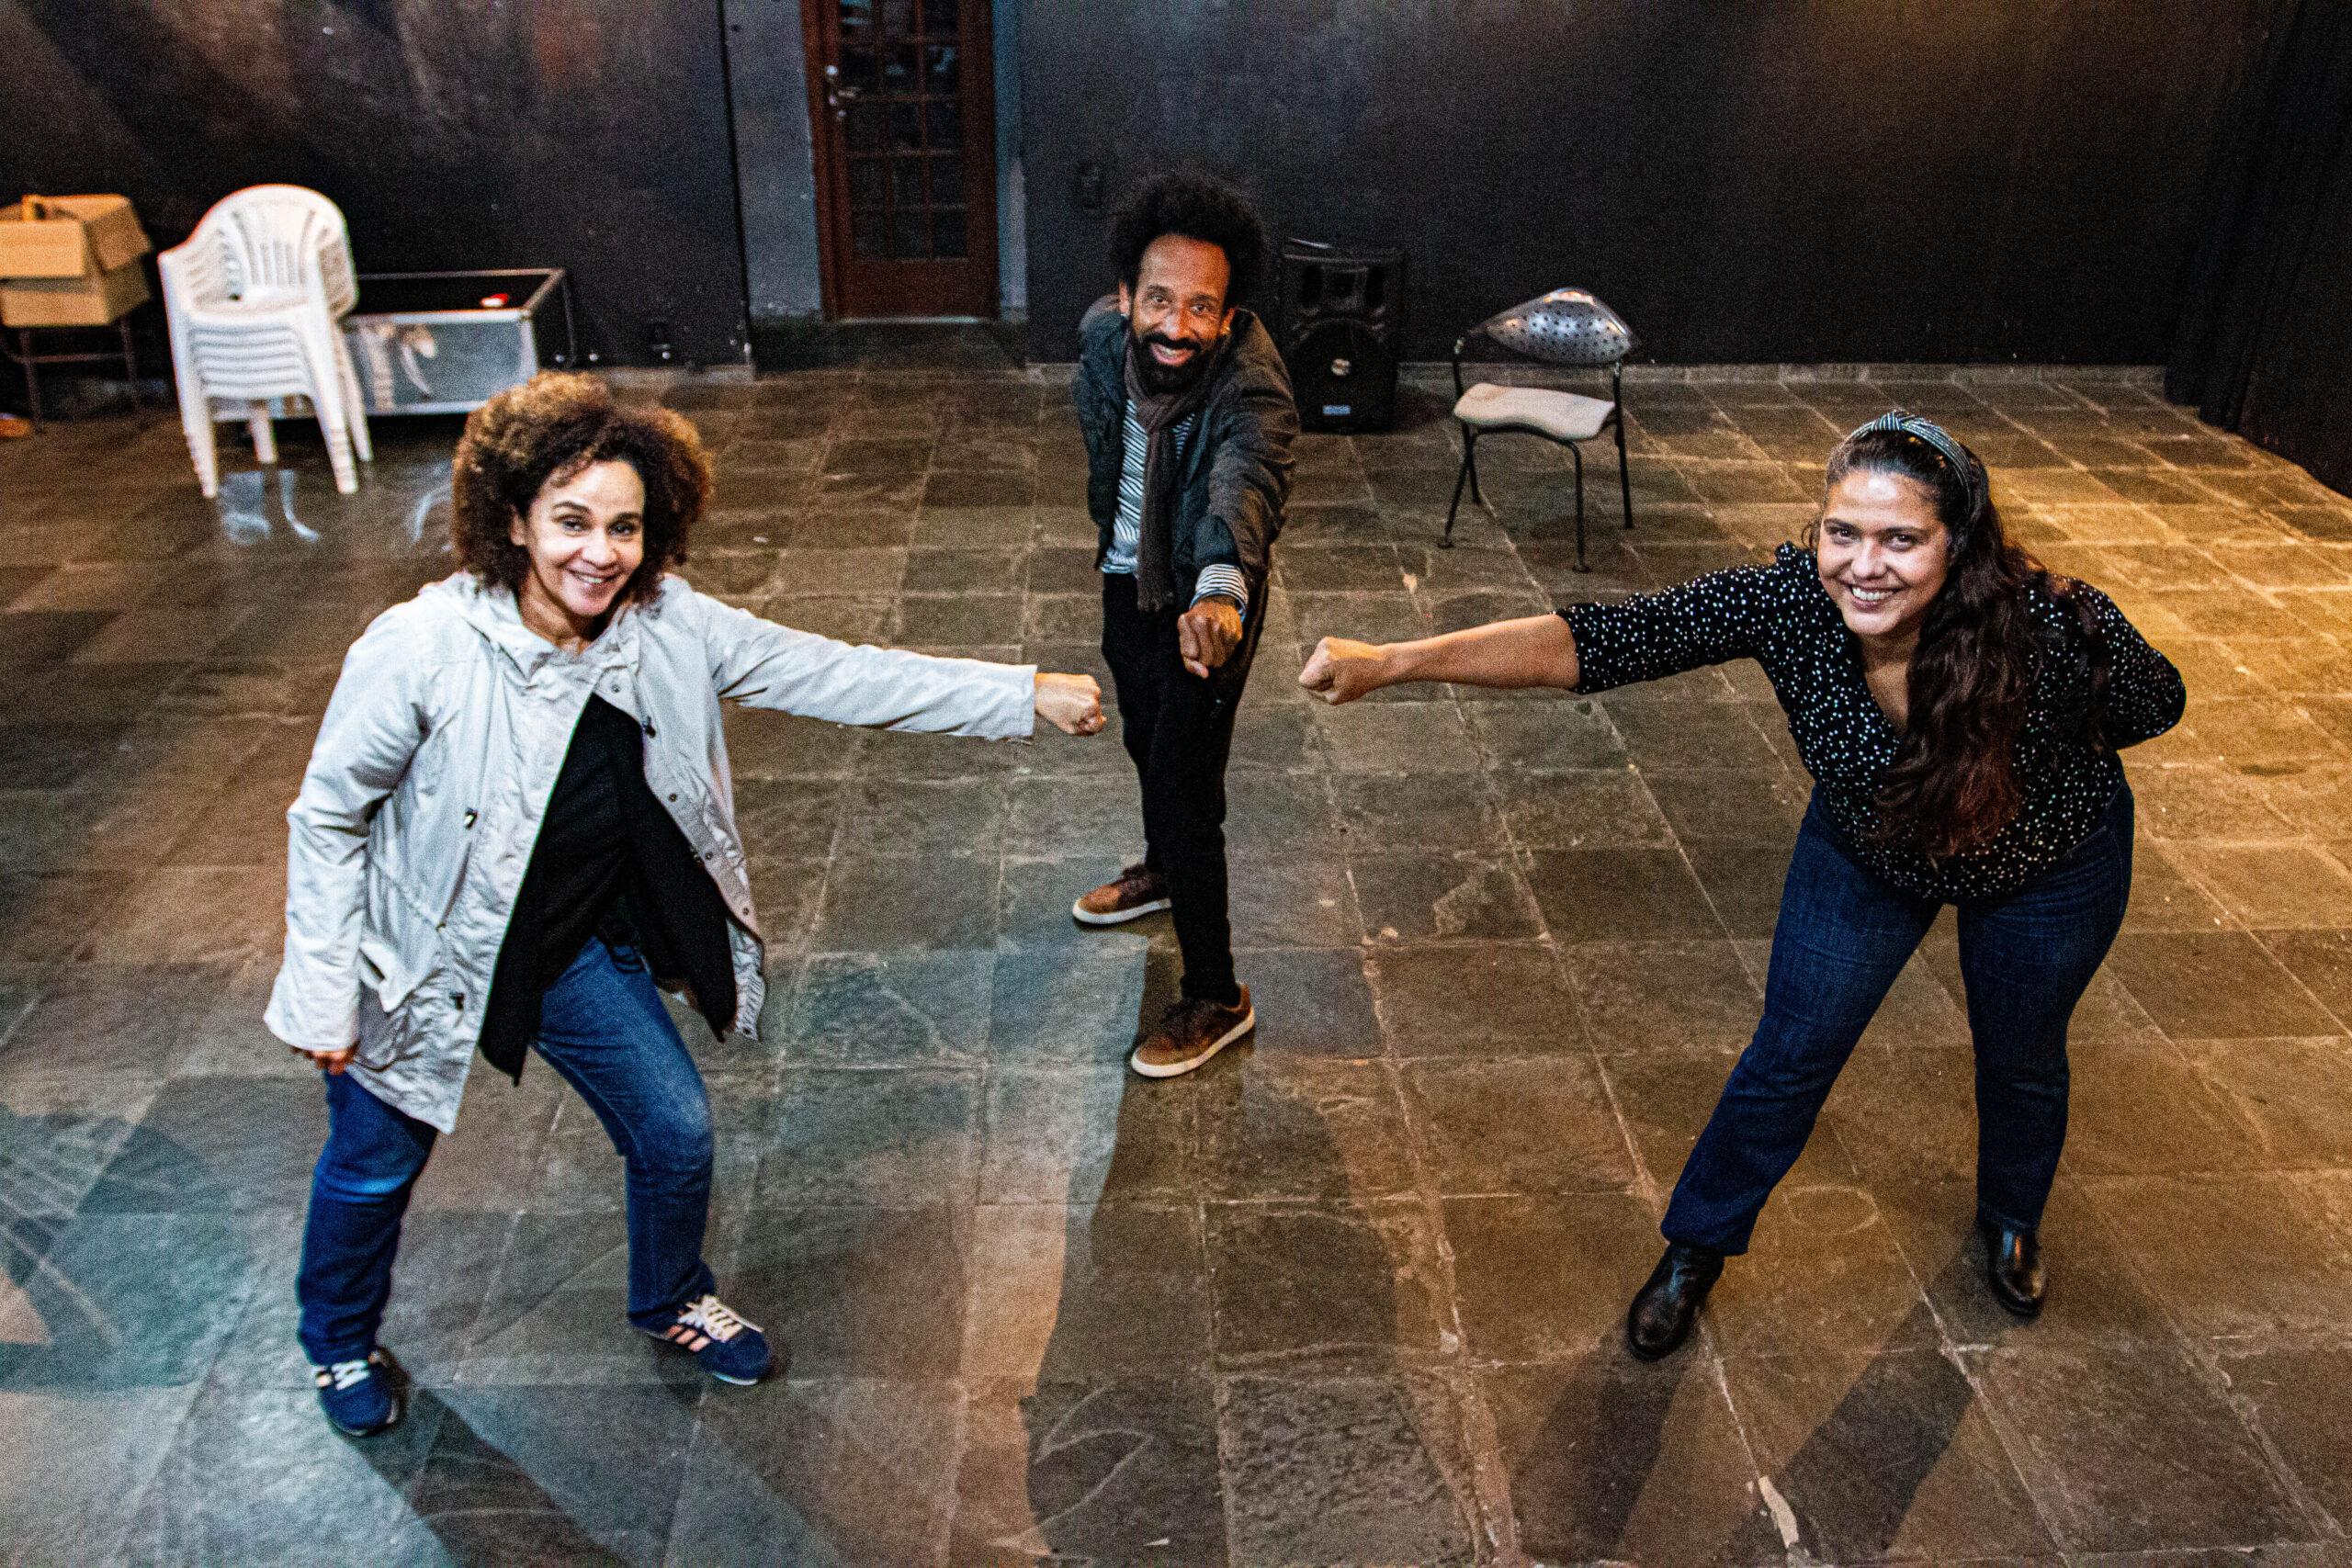 Democratizando o acesso à cultura, Nós do Morro transforma arte em oportunidades